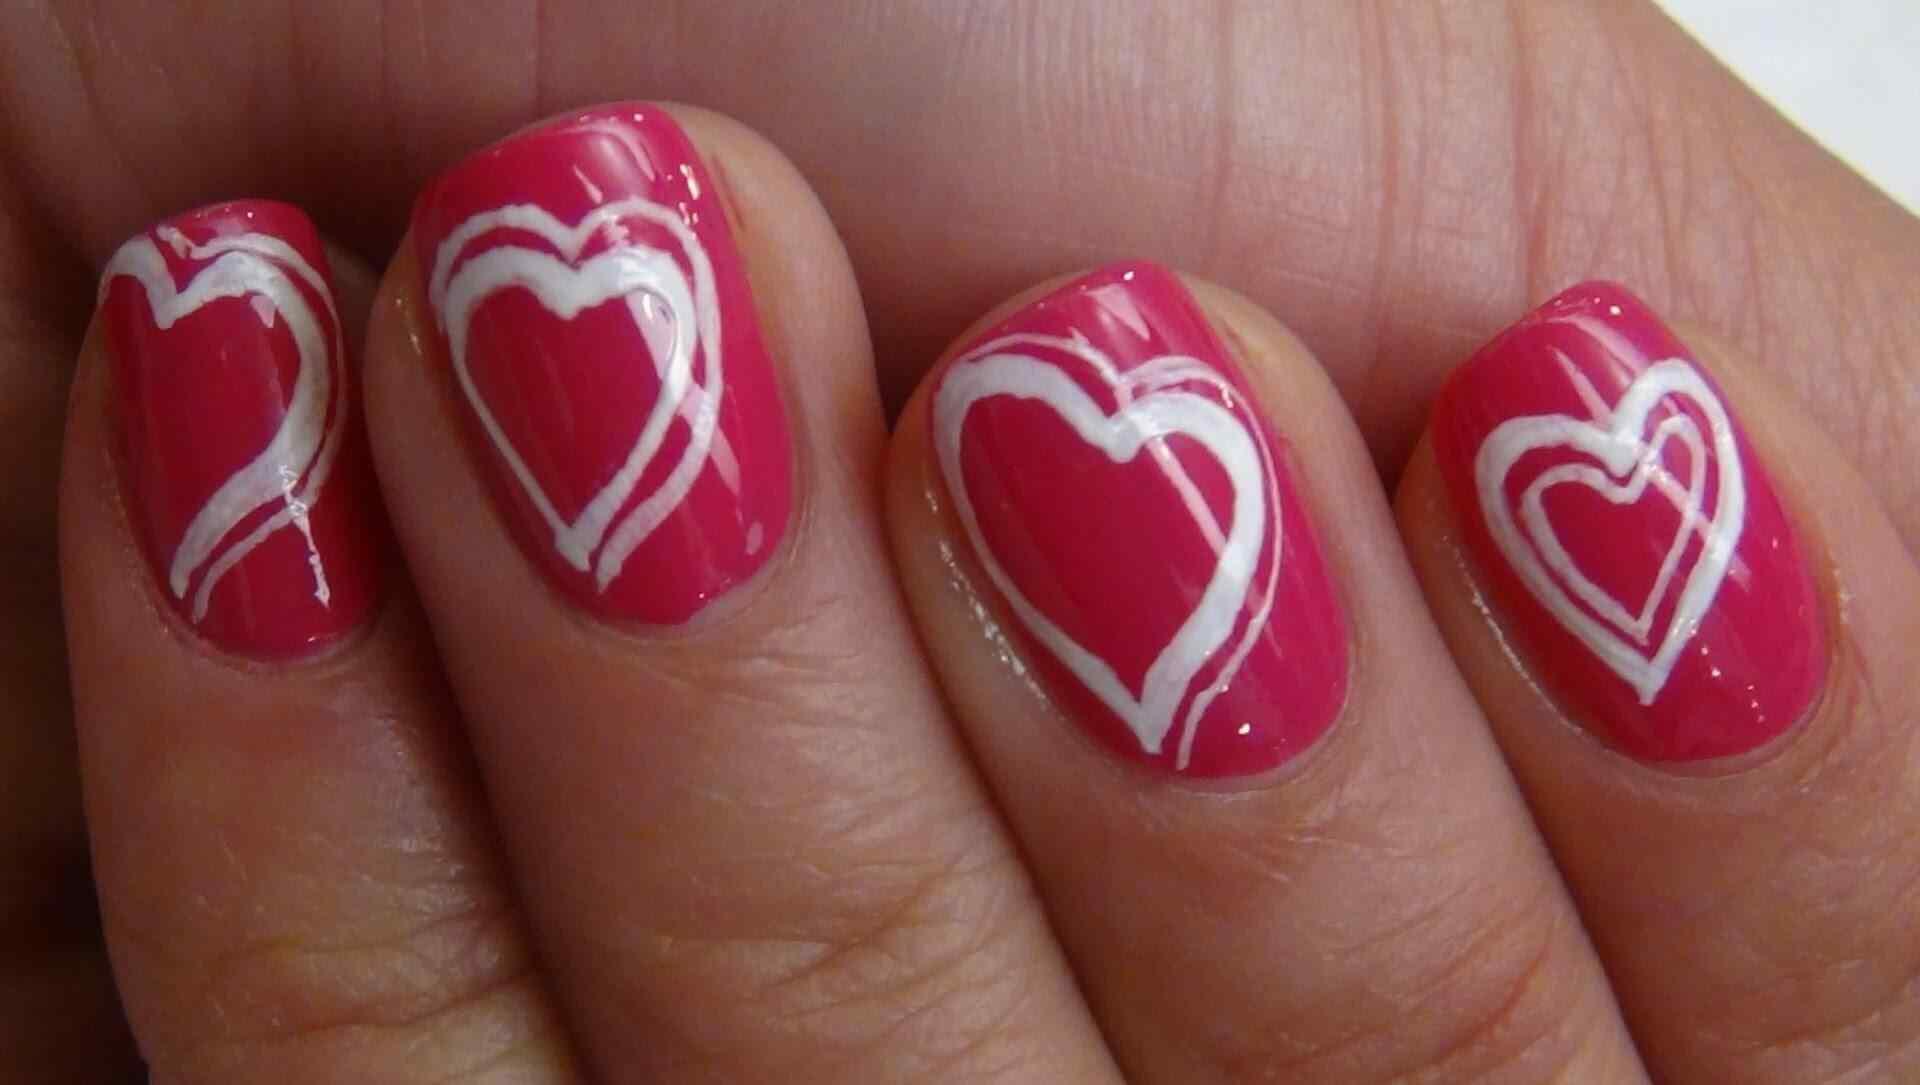 unas decoradas amor (2)